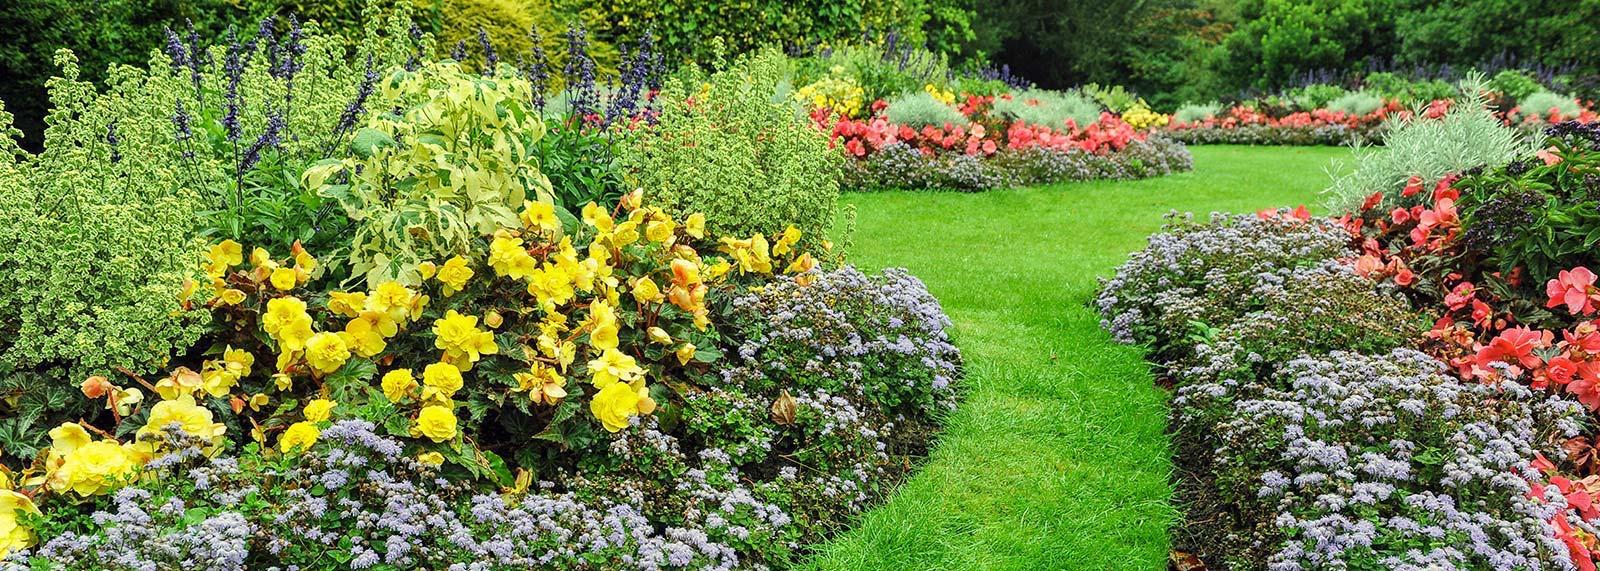 Siepi Miste Da Giardino giardino inglese: come realizzarlo in pochi passi | la gatta